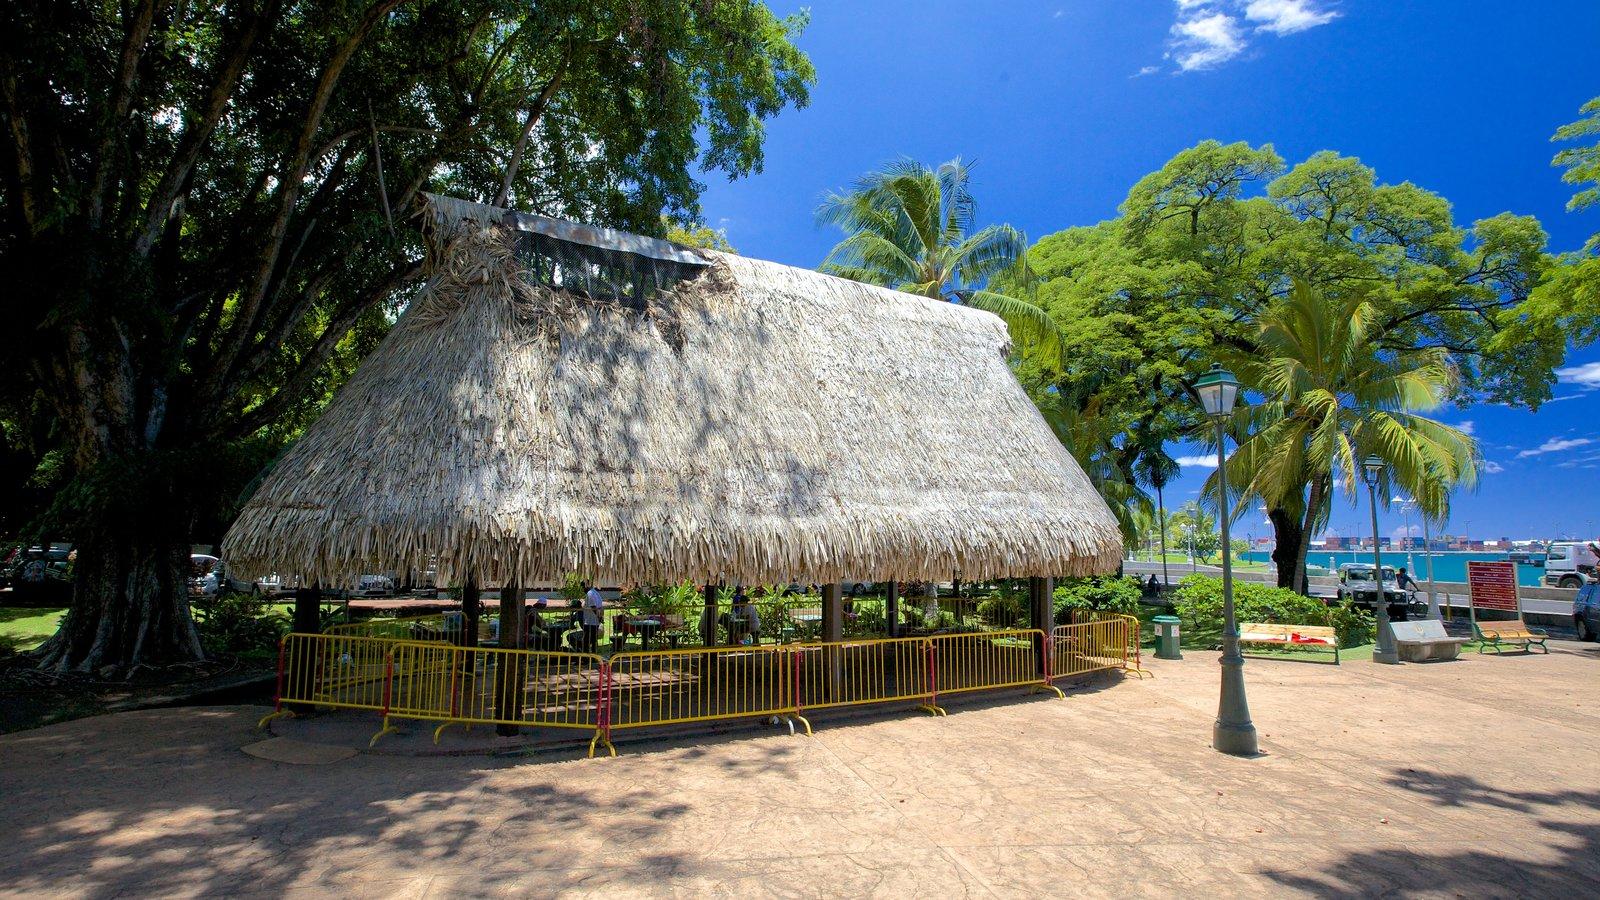 Parc Bougainville que incluye escenas tropicales